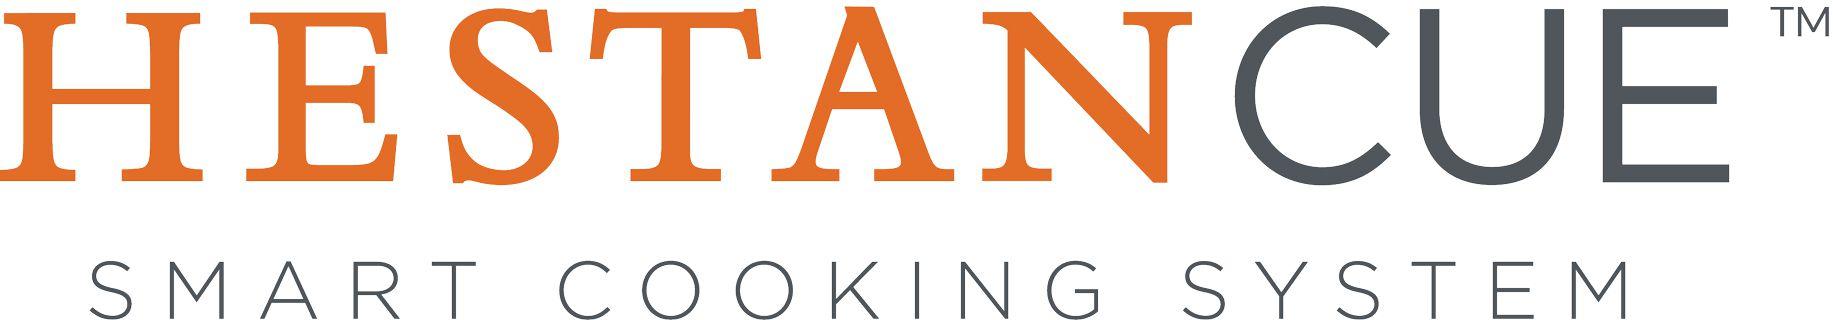 Hestan Cue logo